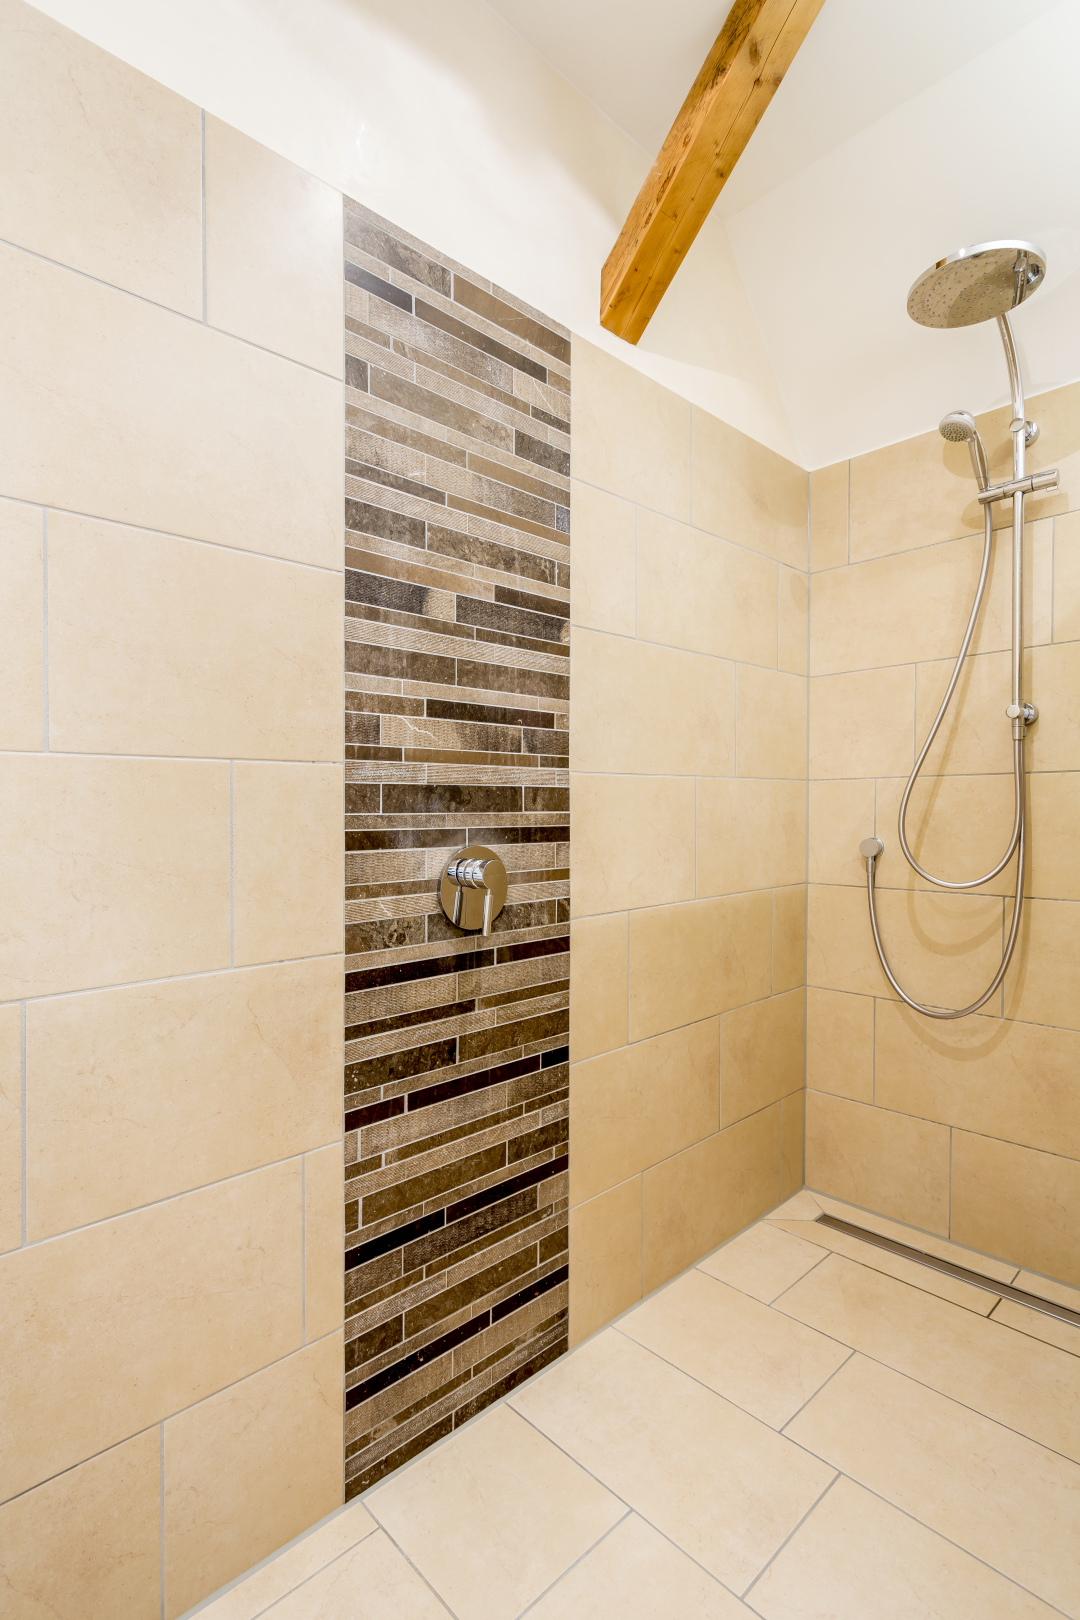 Eine wohnliche Atmosphäre für Ihr Bad